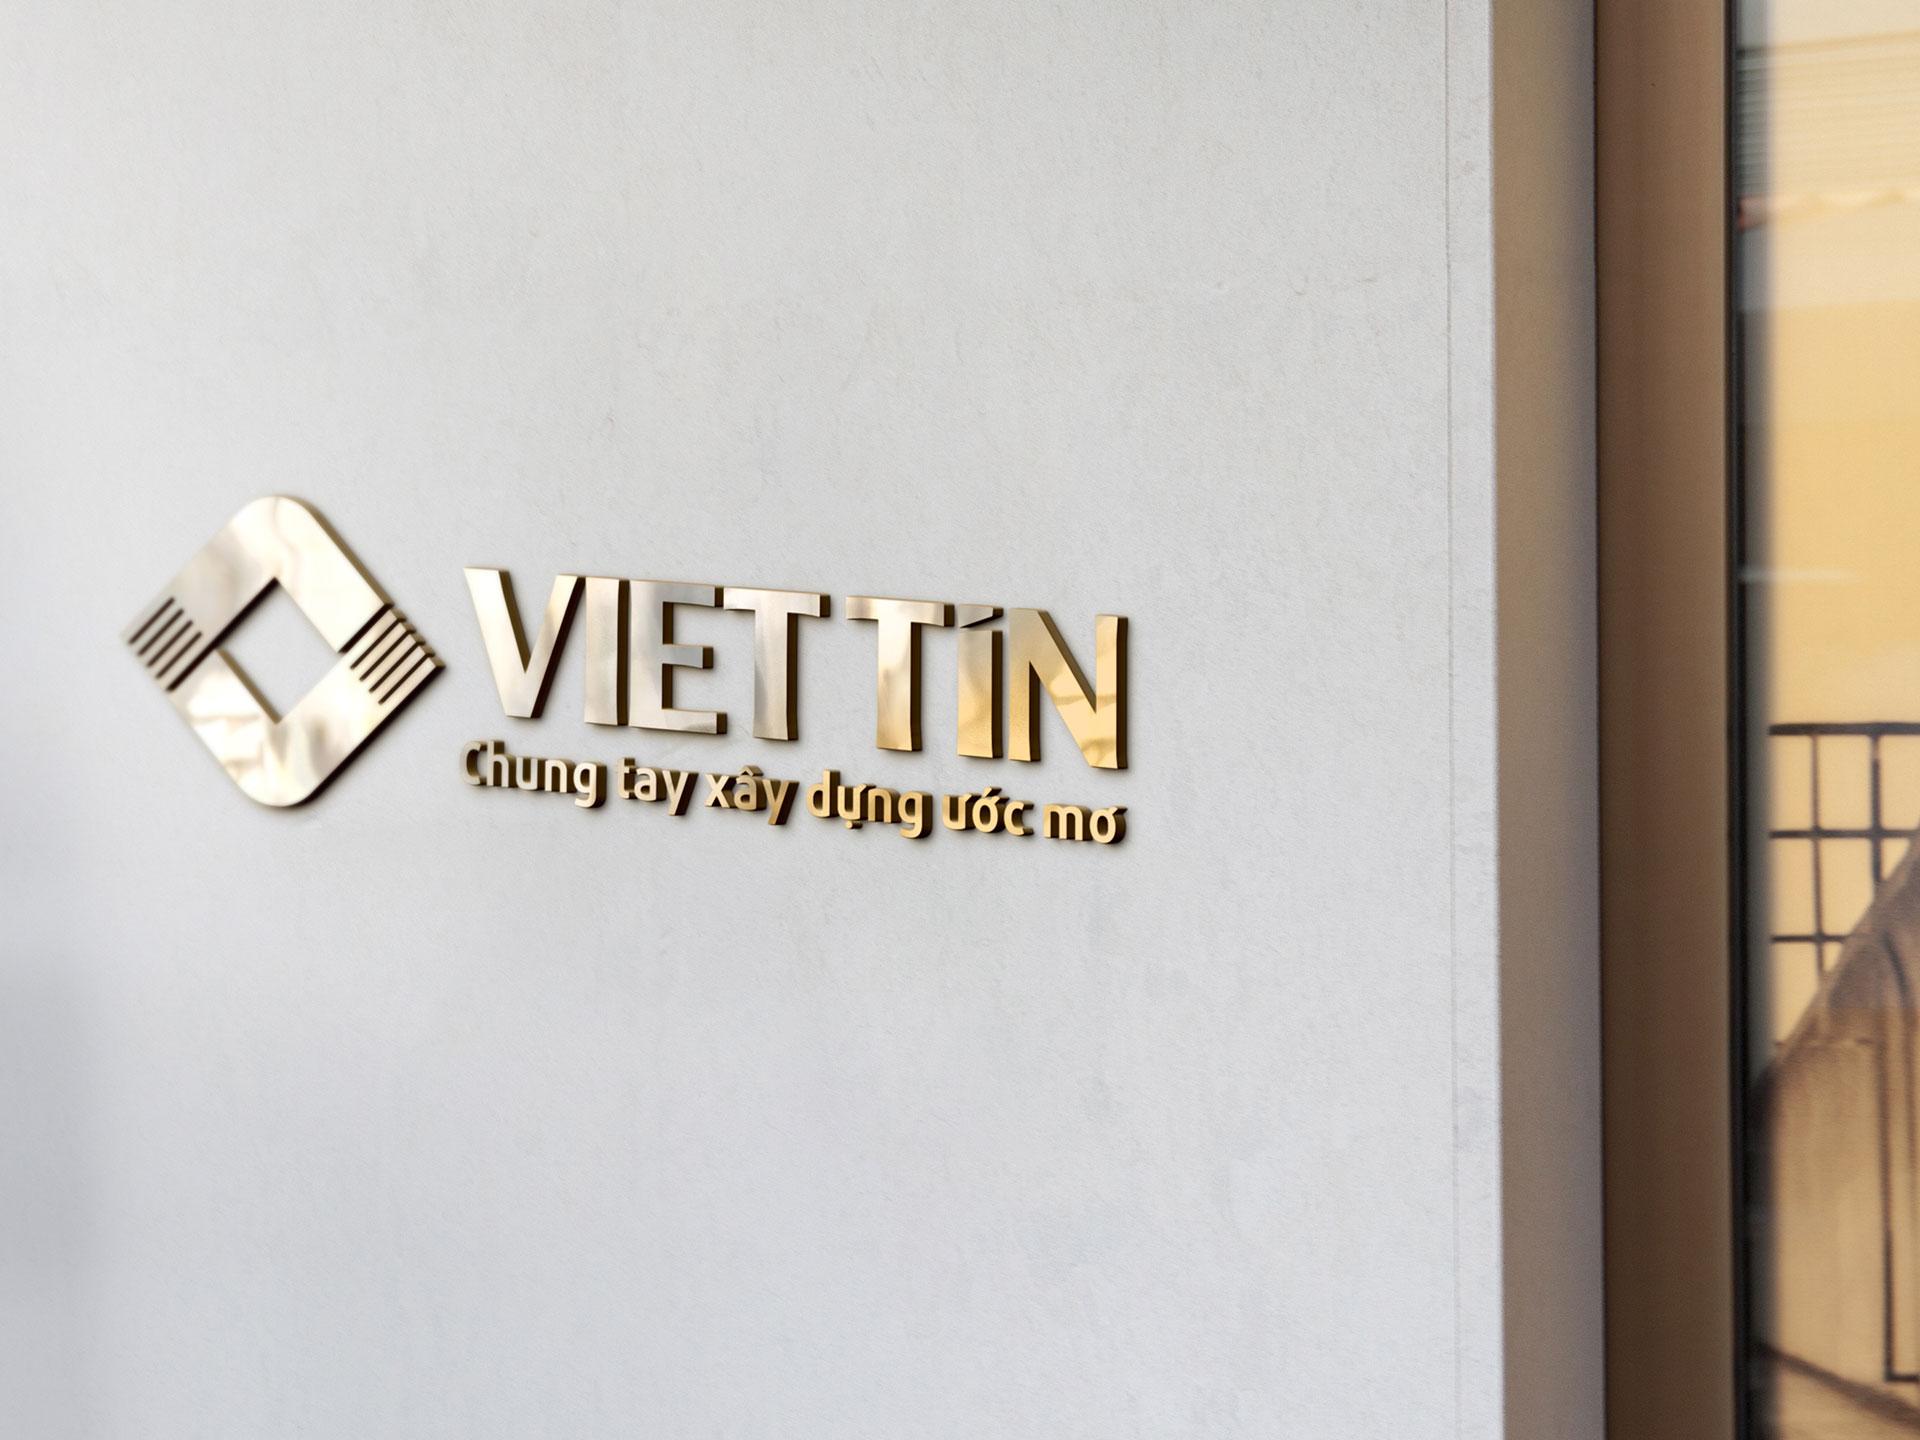 Thiết kế logo và bộ nhận diện thương hiệu công ty CPĐT Việt Tín tại Hà Nội